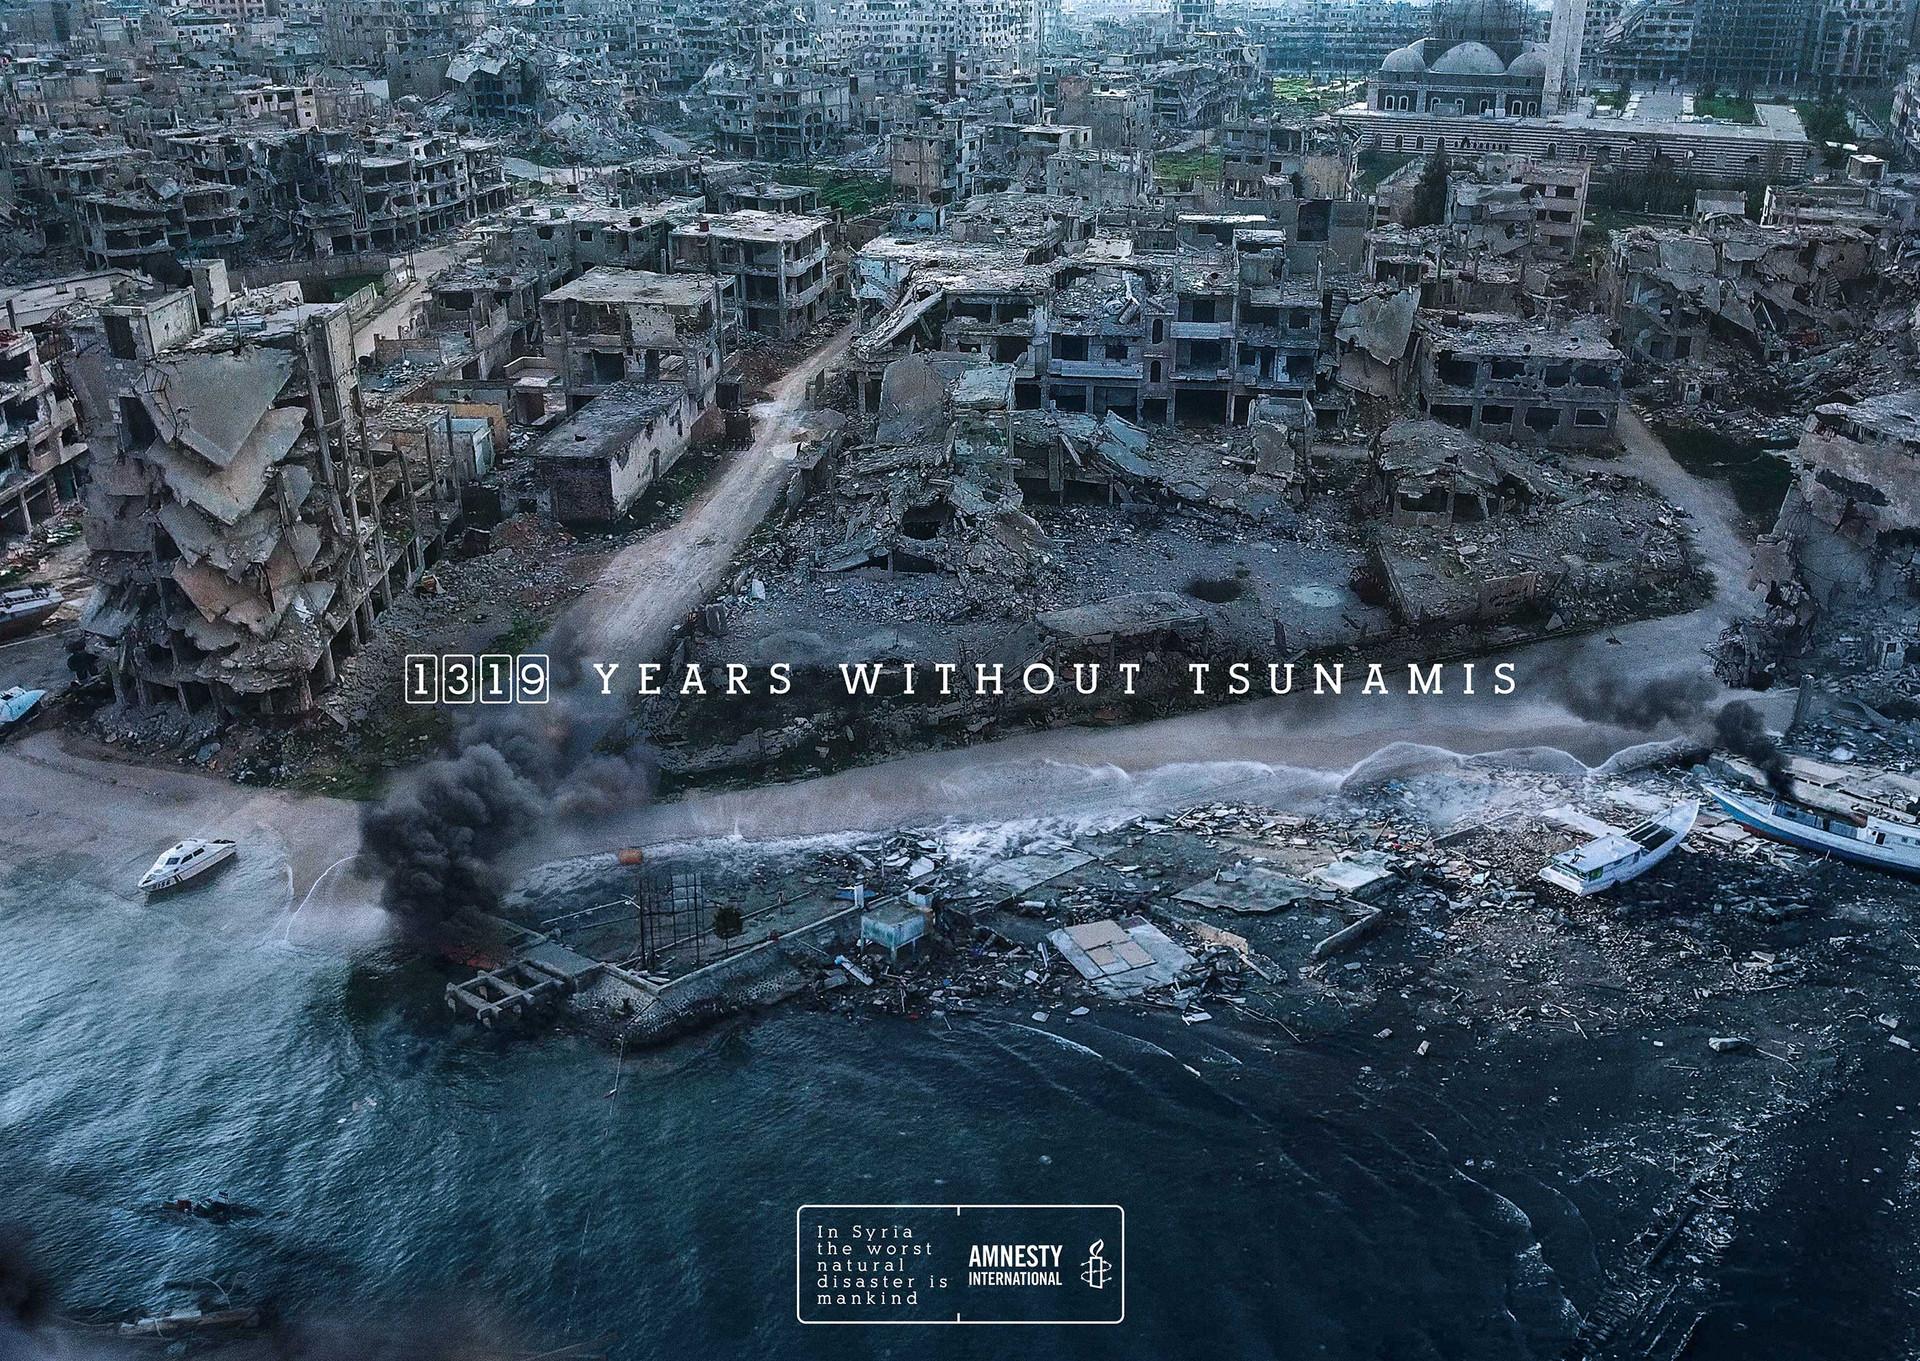 Natural Disaster - Tsunamis